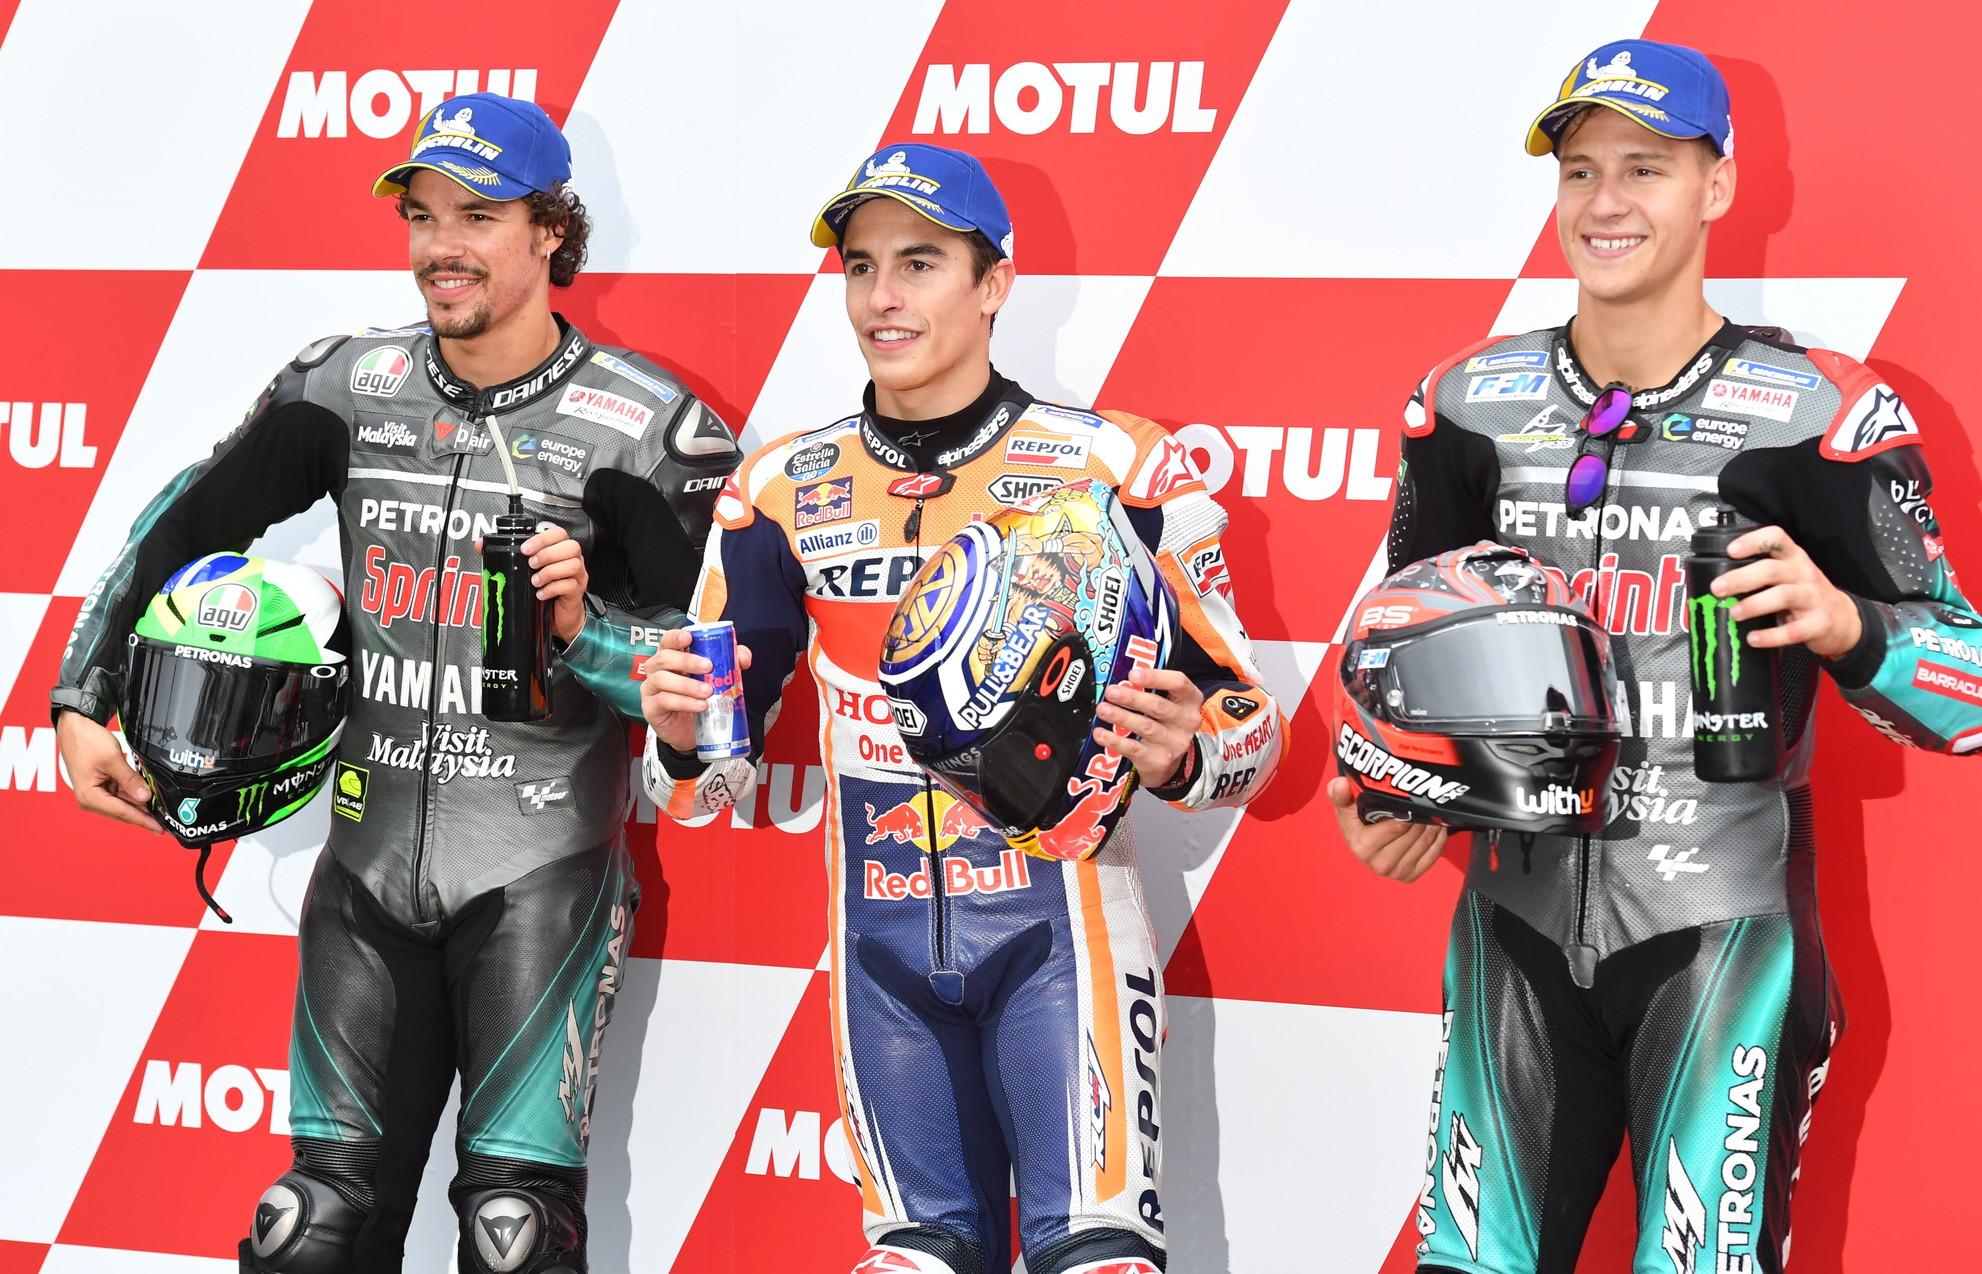 Sfatato il tabù Motegi: lo spagnolo ha conquistato la pole position in tutti i circuiti del Motomondiale